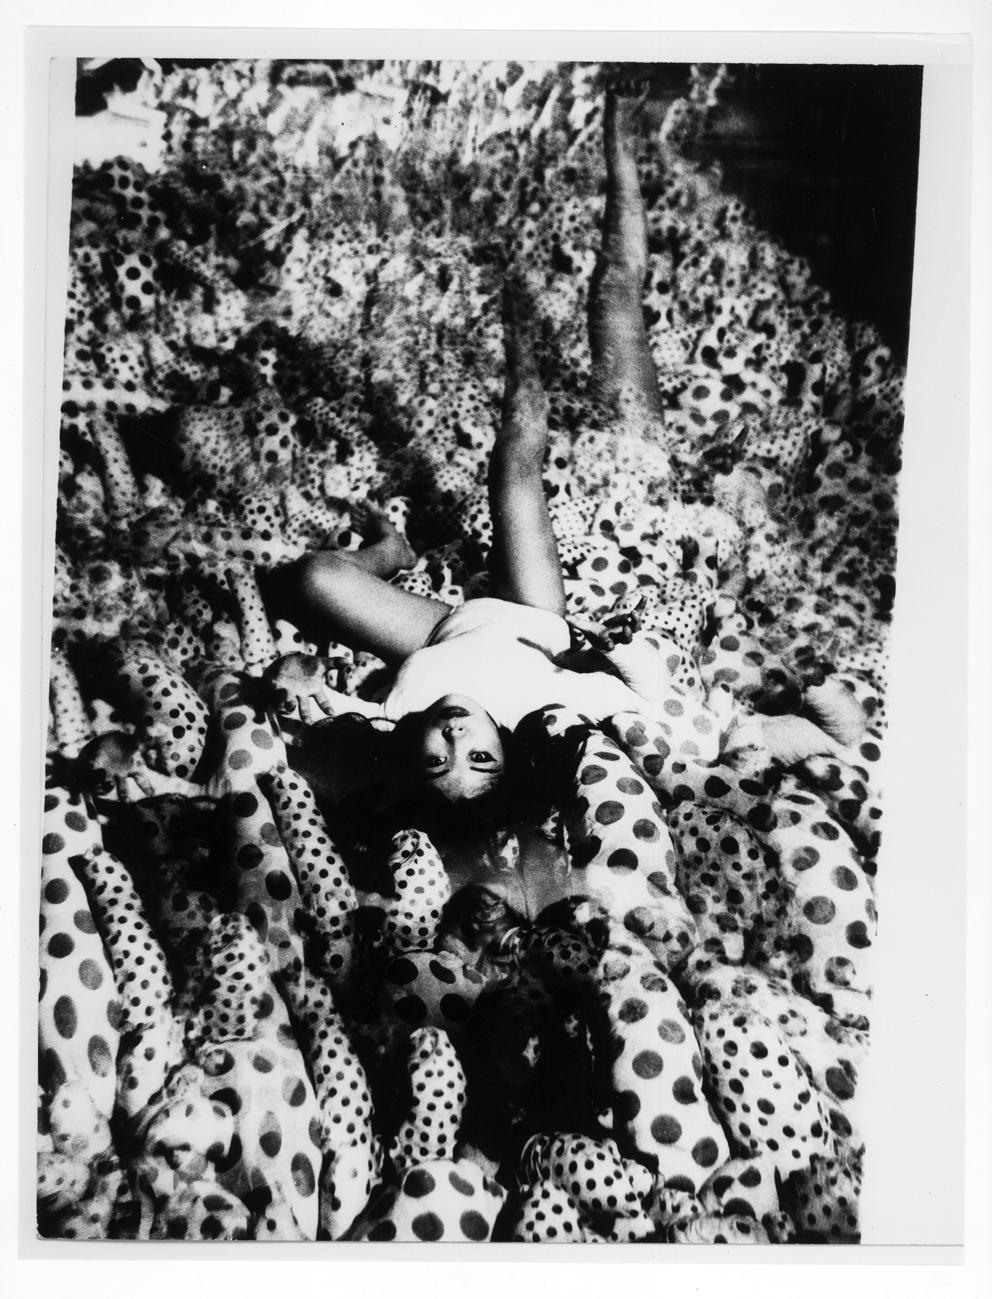 Infinity mirror room 1965jpg